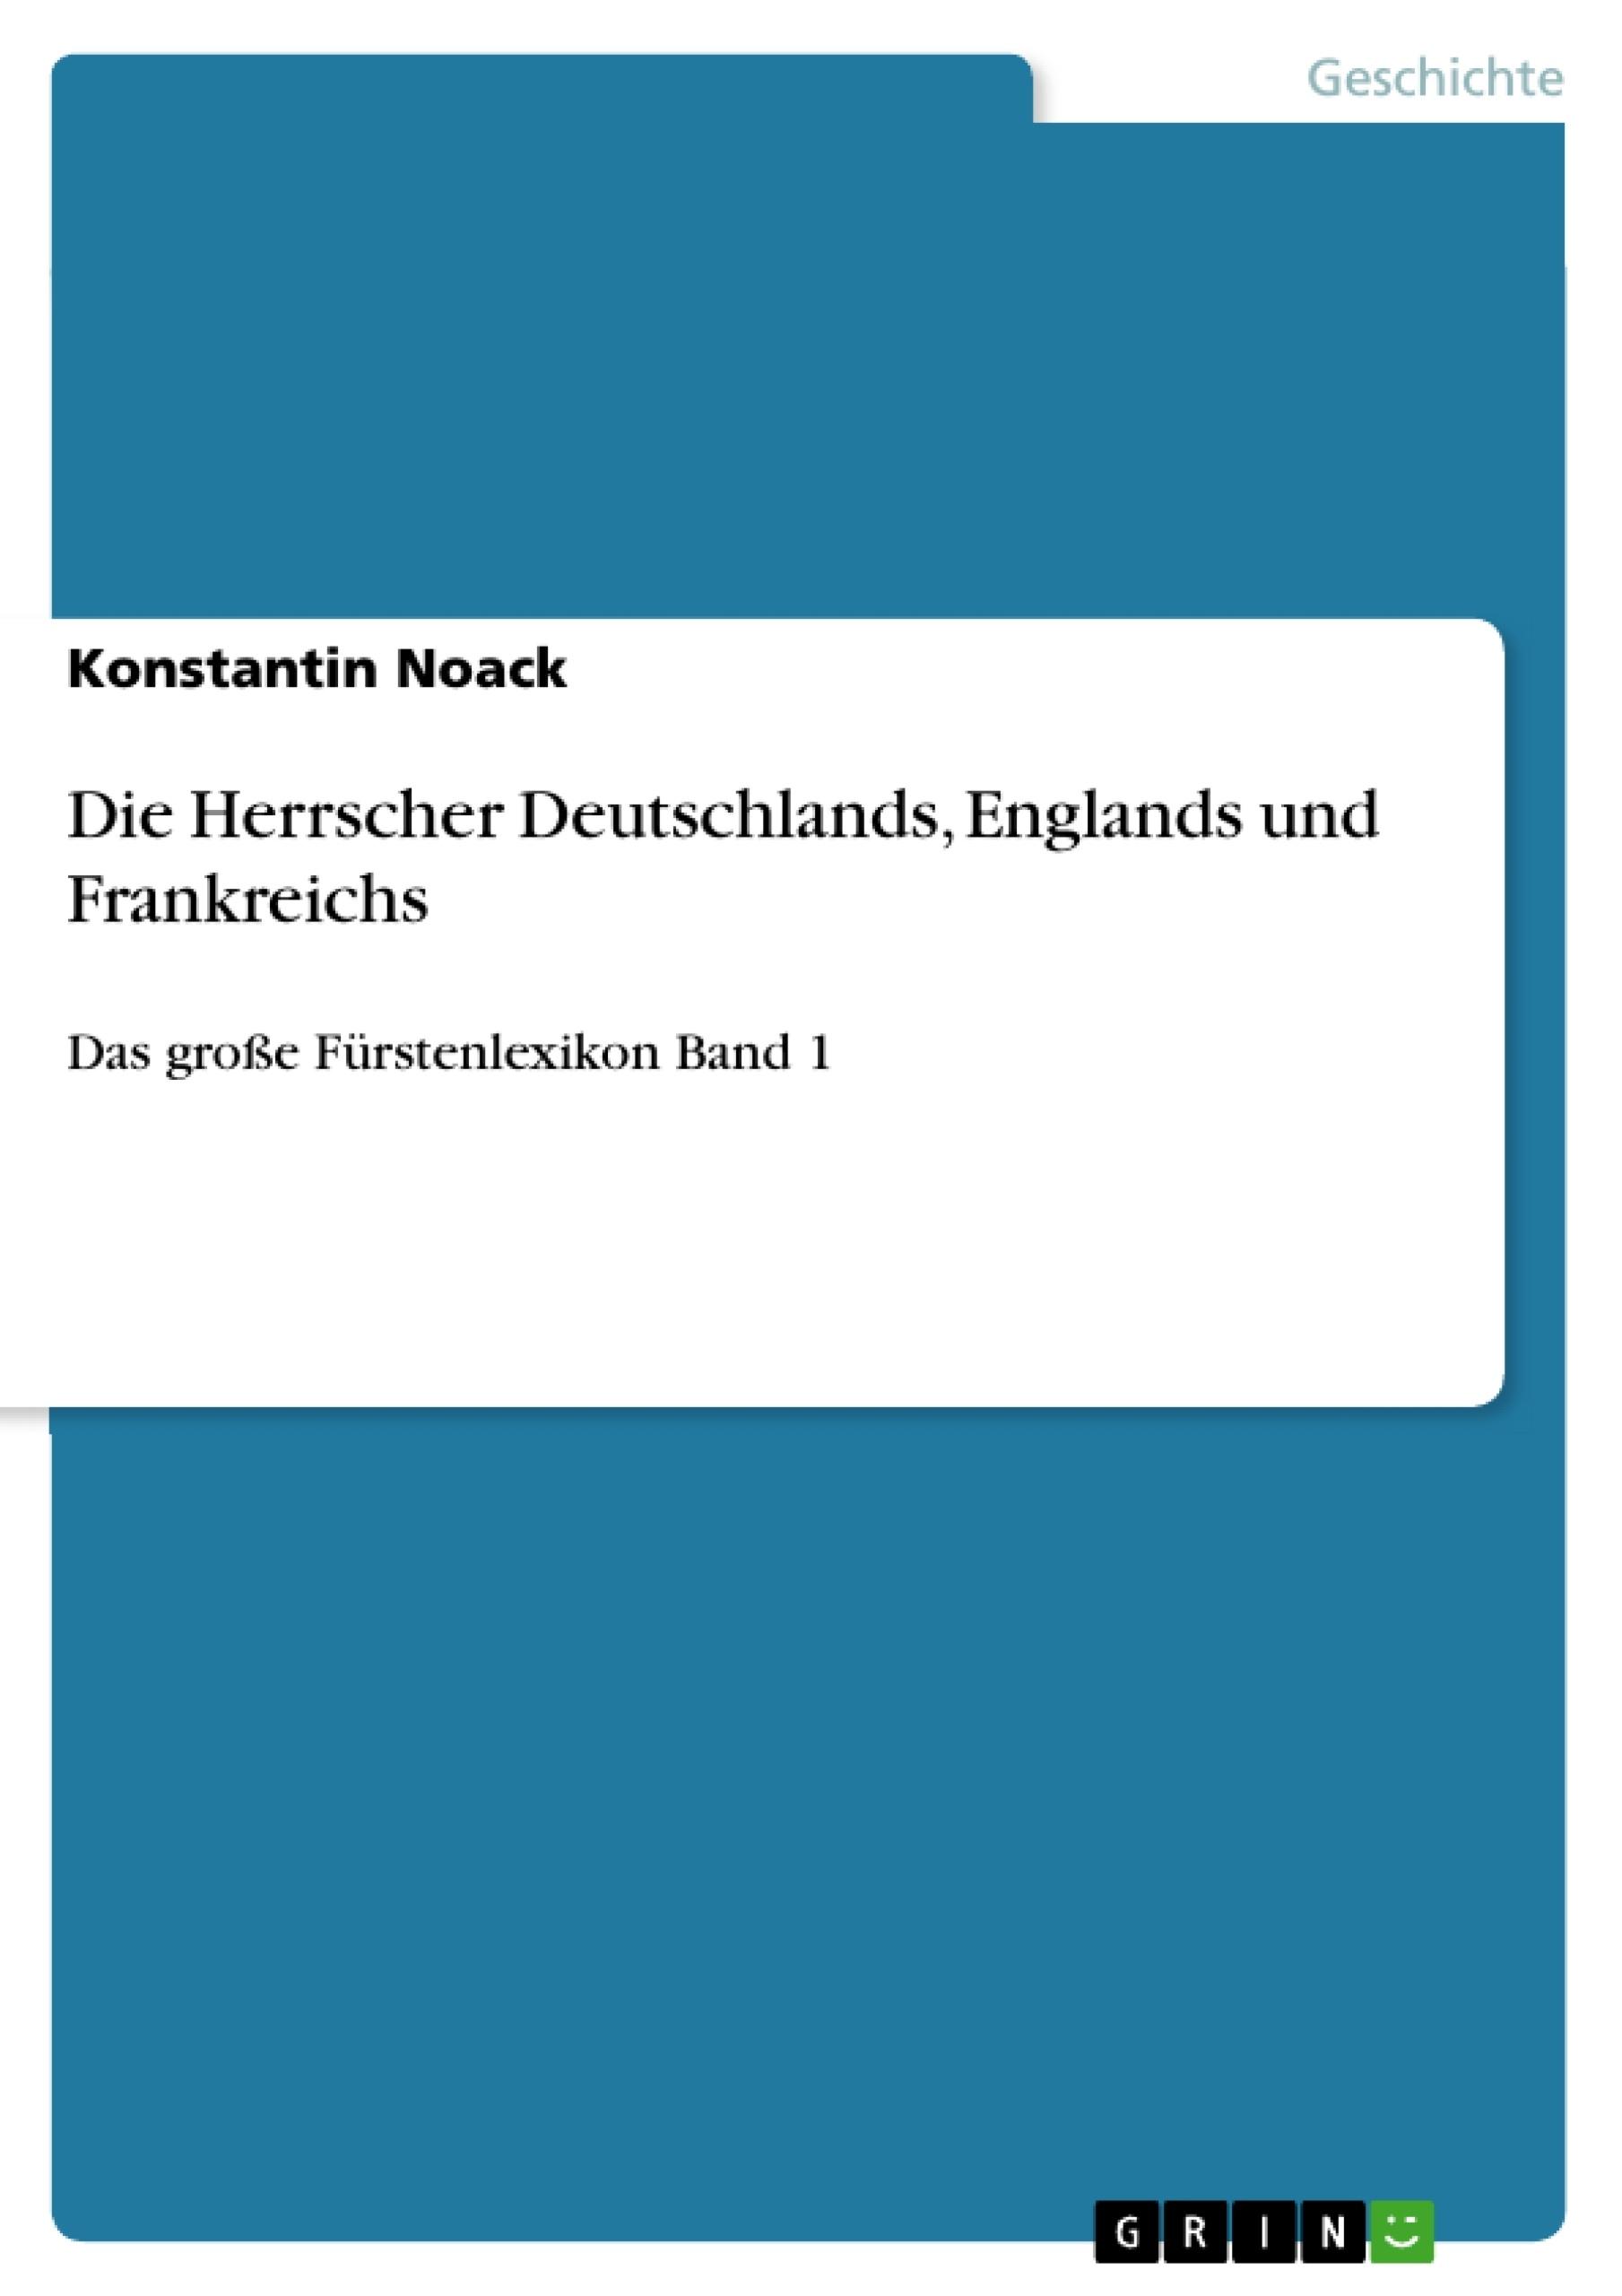 Titel: Die Herrscher Deutschlands, Englands und Frankreichs